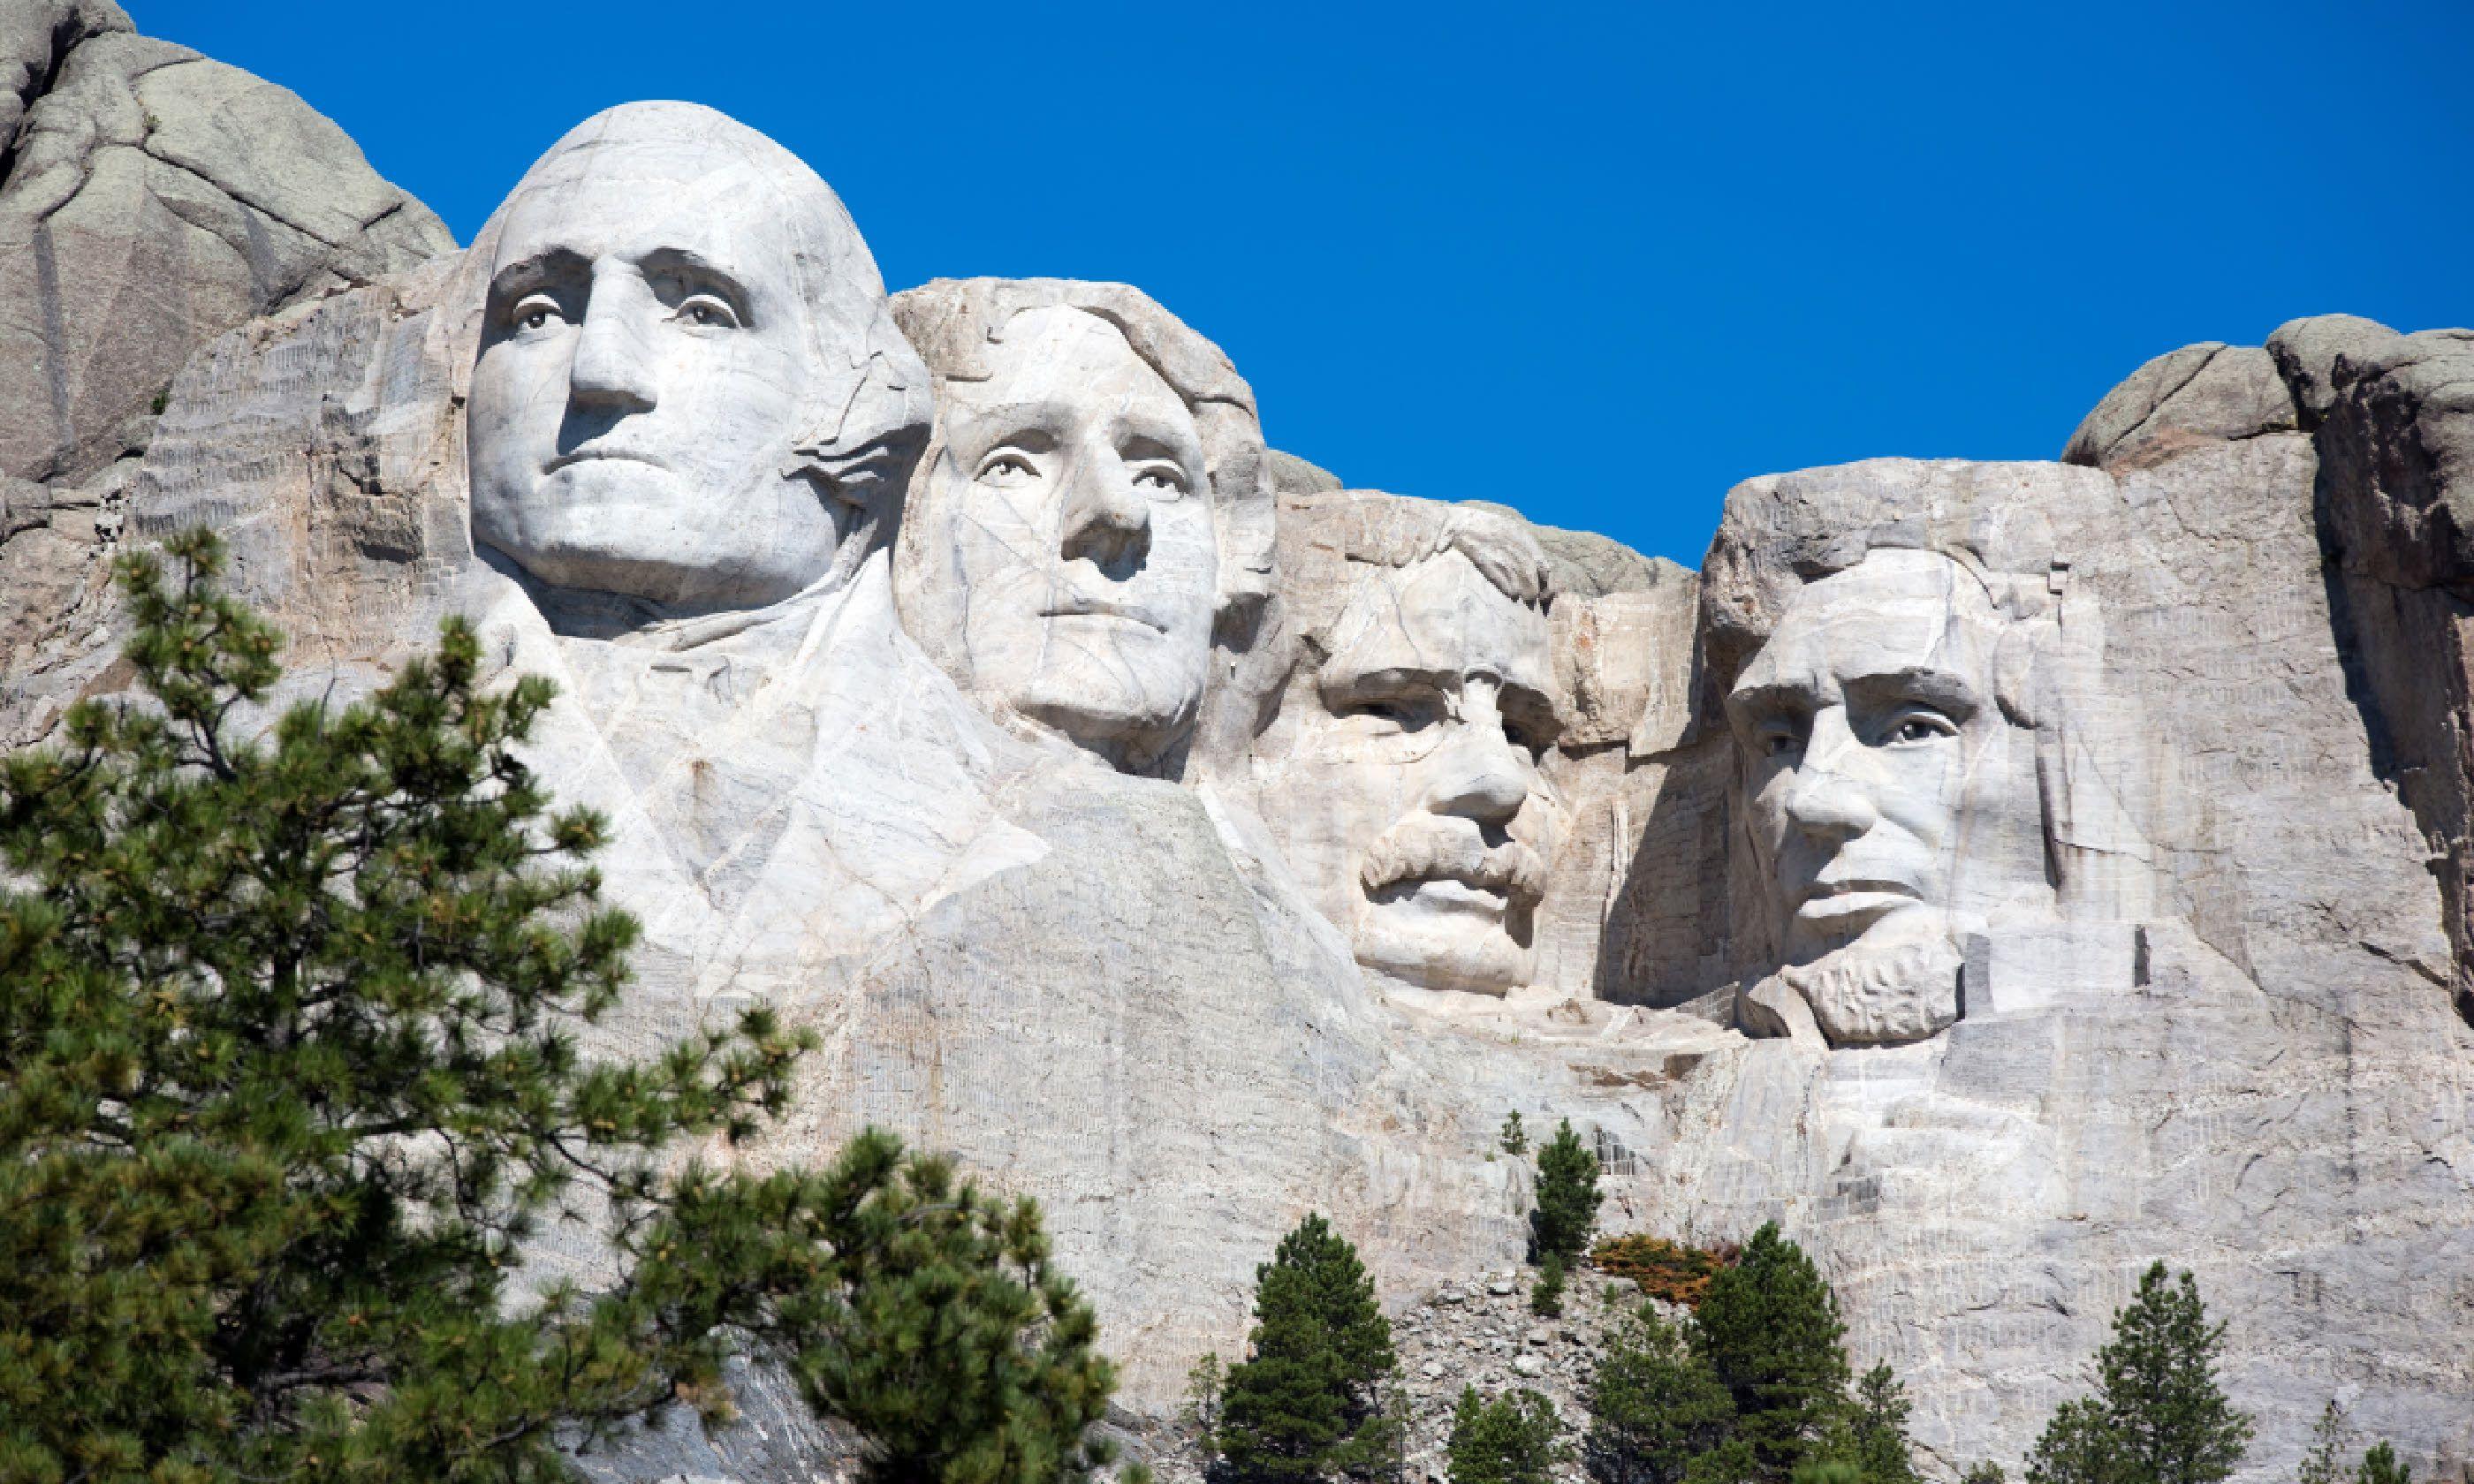 Mt Rushmore (Shutterstock)